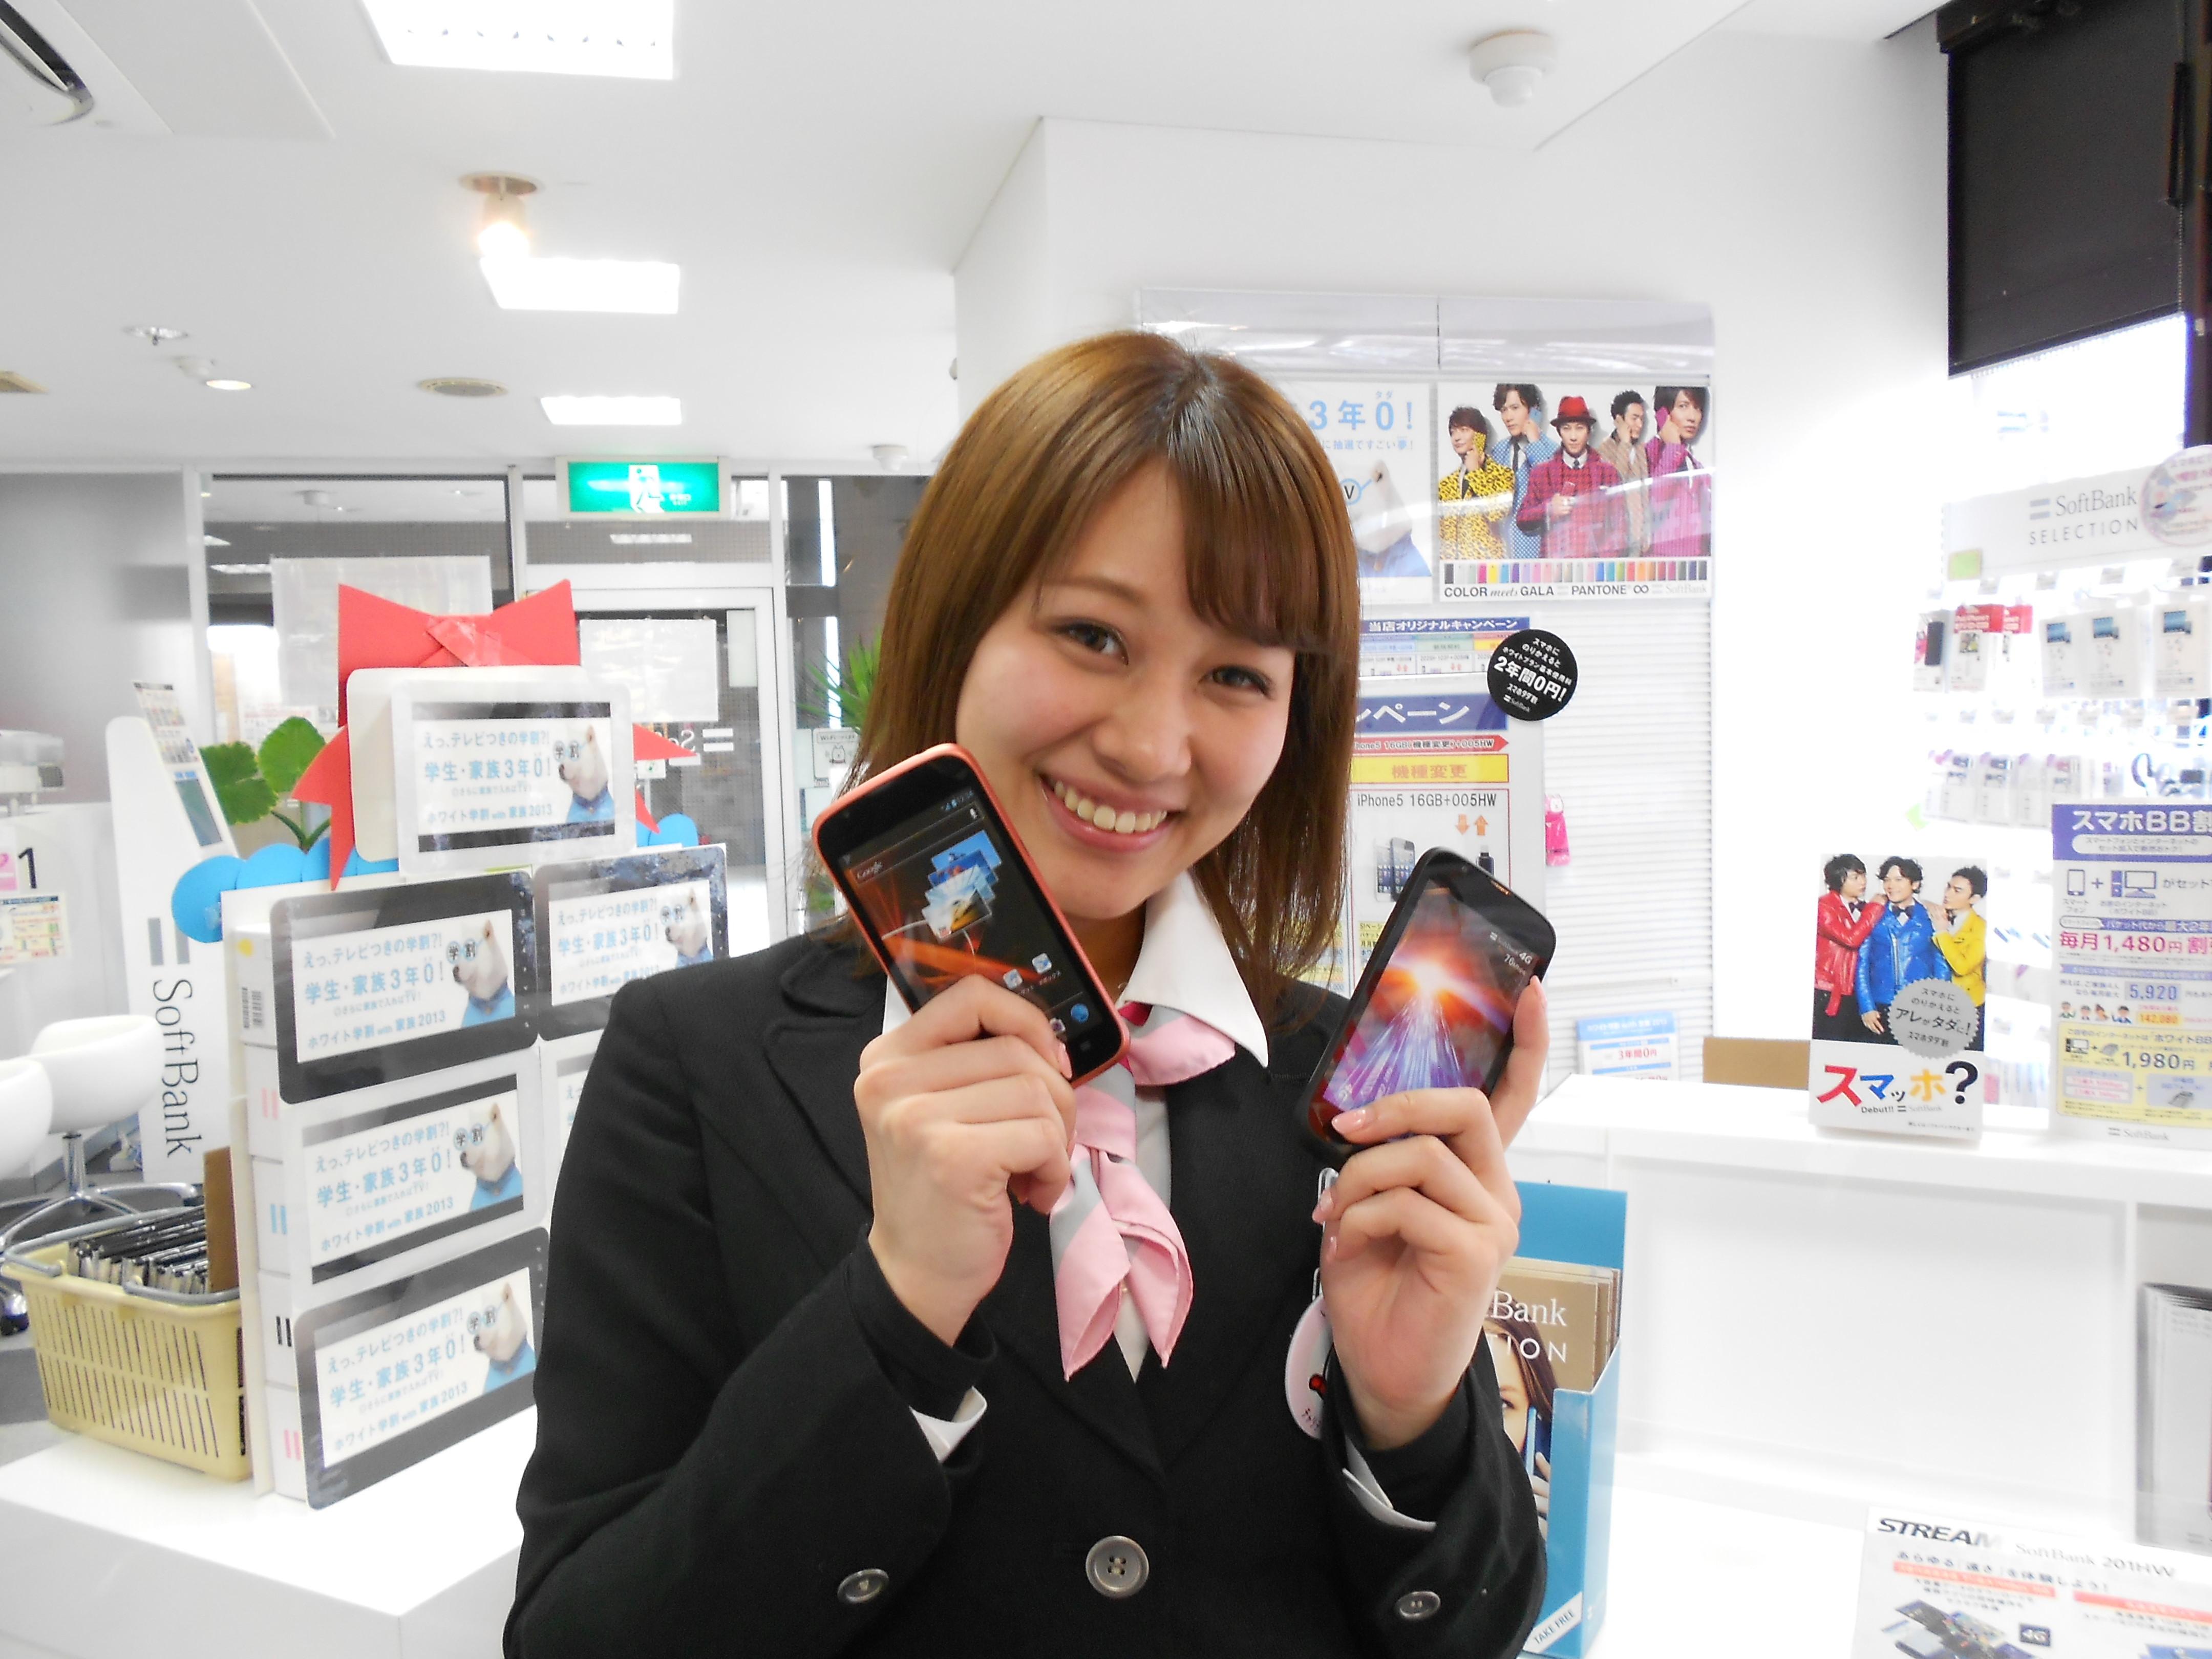 ワイモバイル 伊勢原(株式会社シエロ)のアルバイト情報